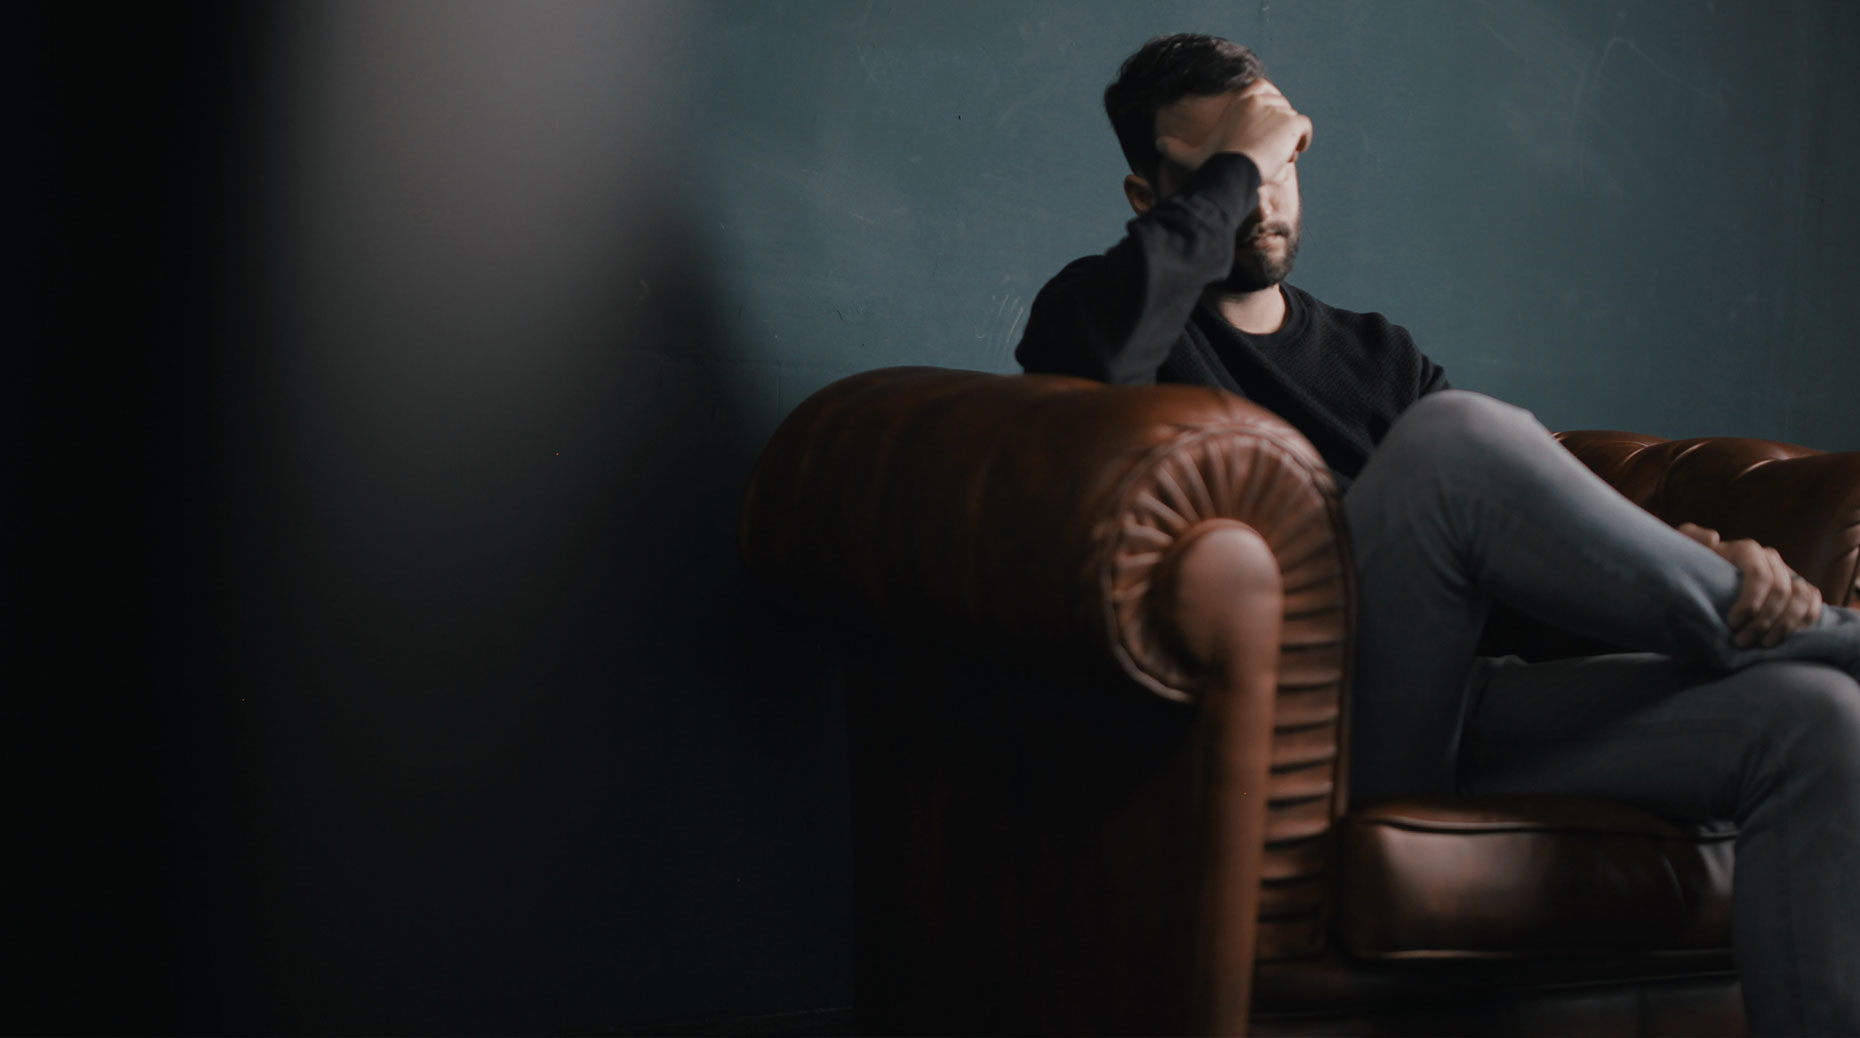 Consultations psy : Les psychologues s'opposent à la prescription médicale